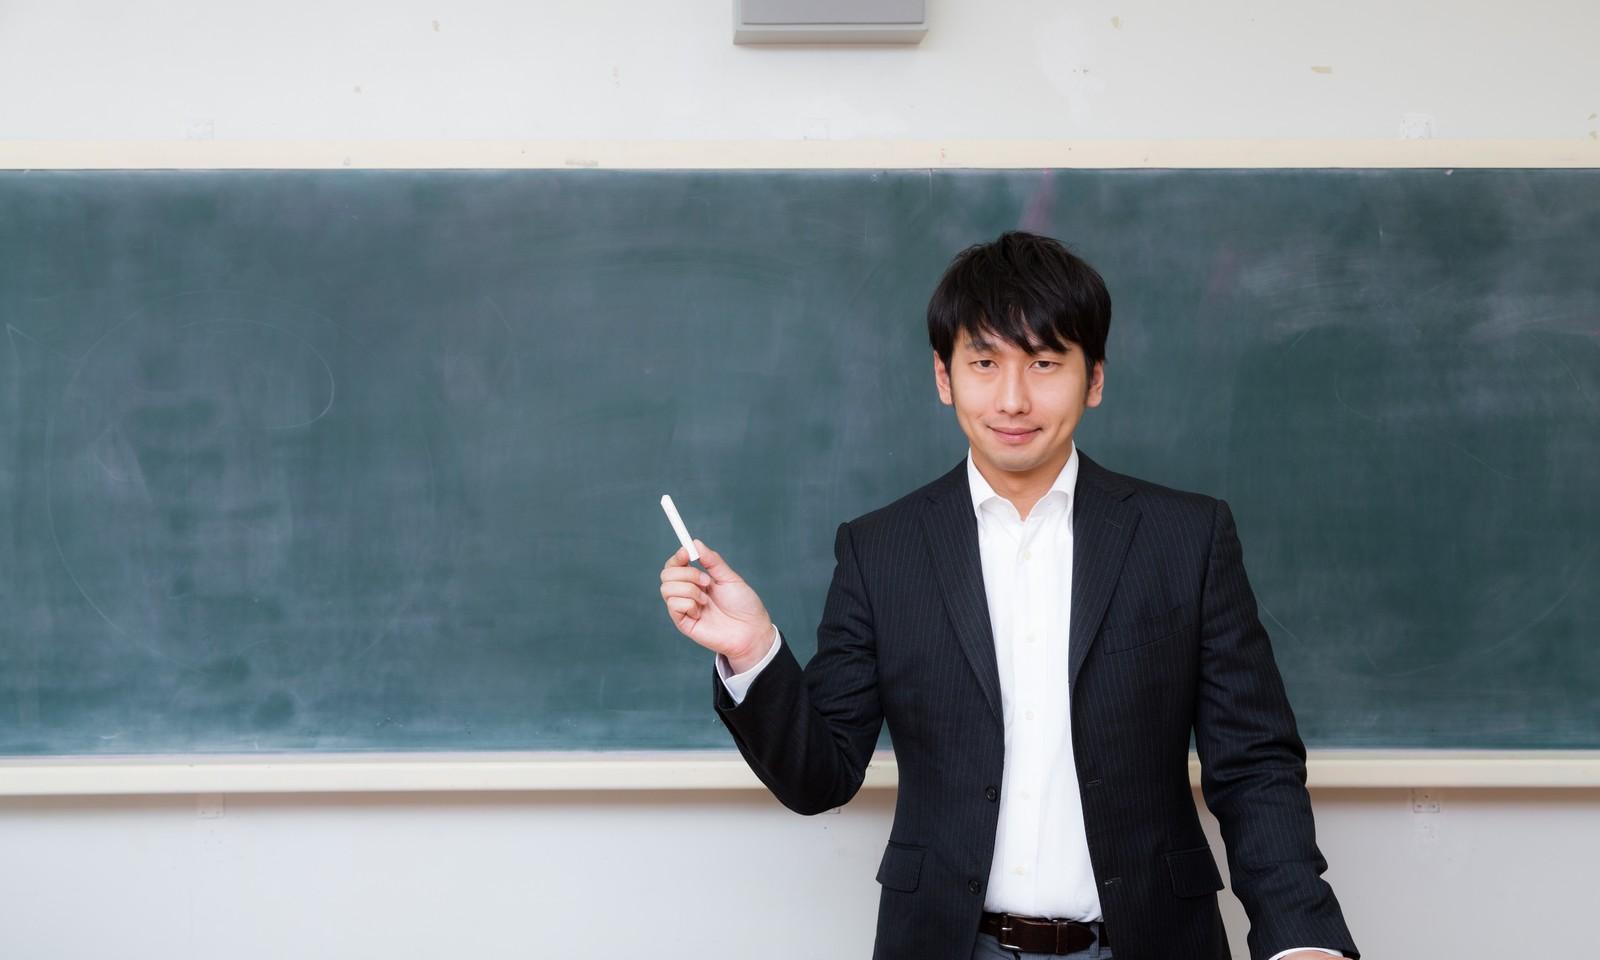 2021年度(令和03年度)入試の数学の出題範囲が変更されたのはなぜか